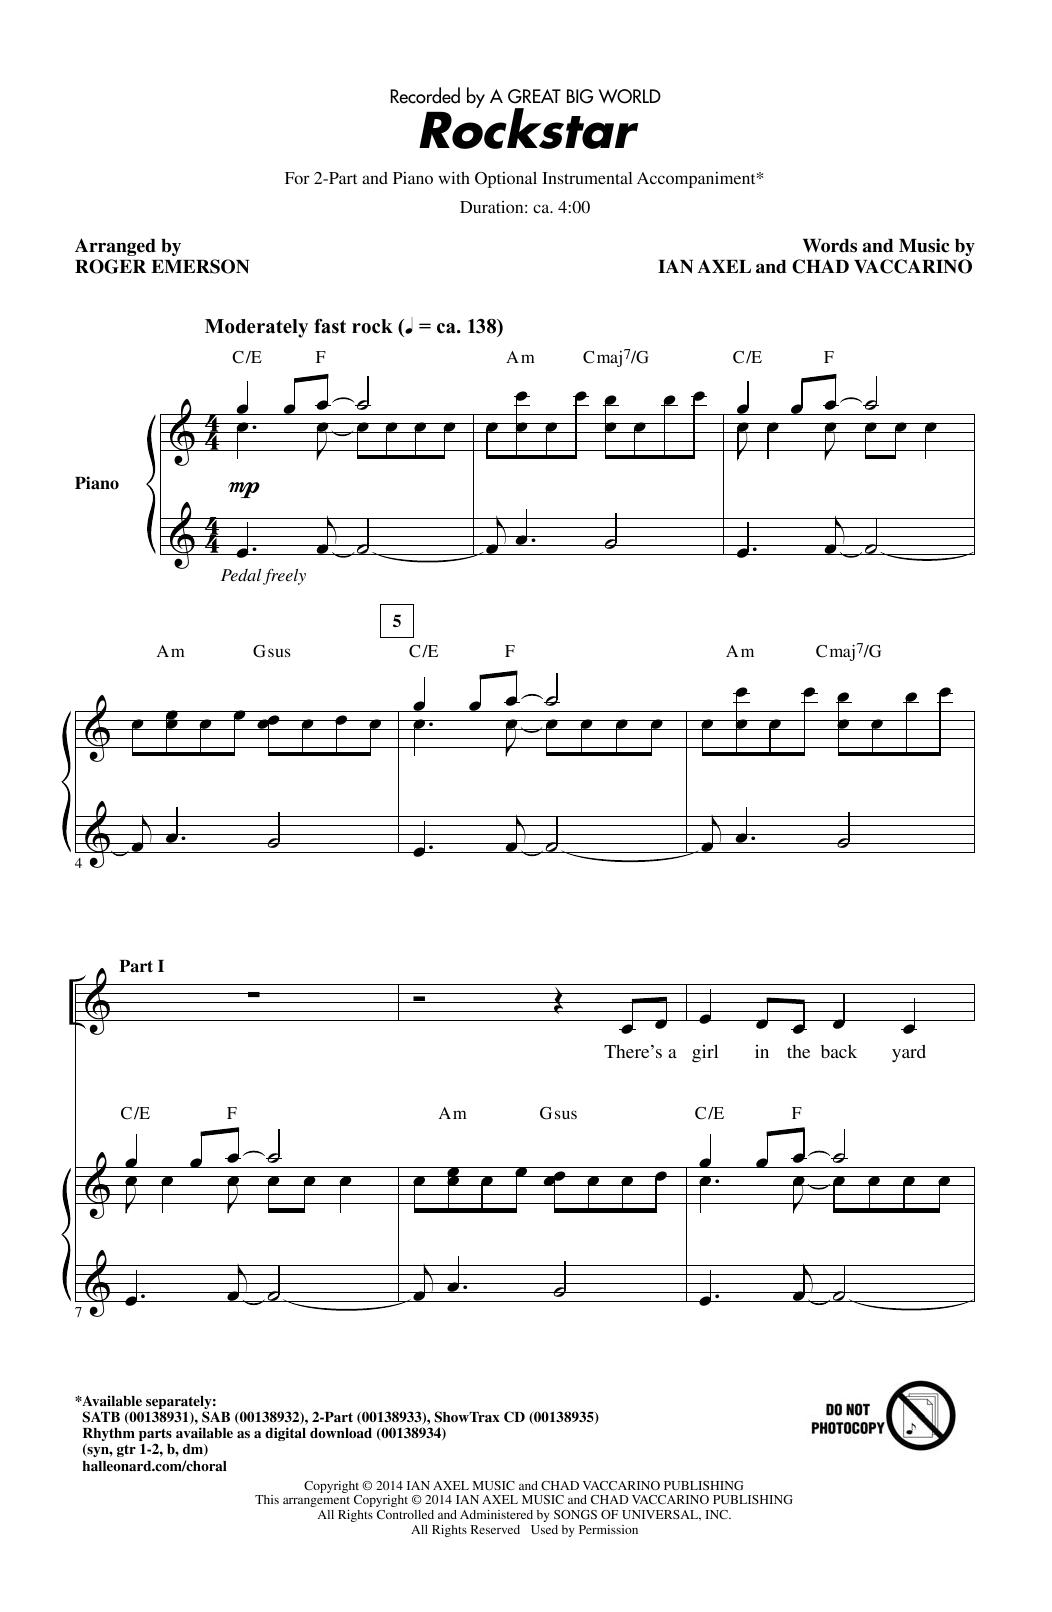 Partition chorale Rockstar (arr. Roger Emerson) de A Great Big World - 2 voix